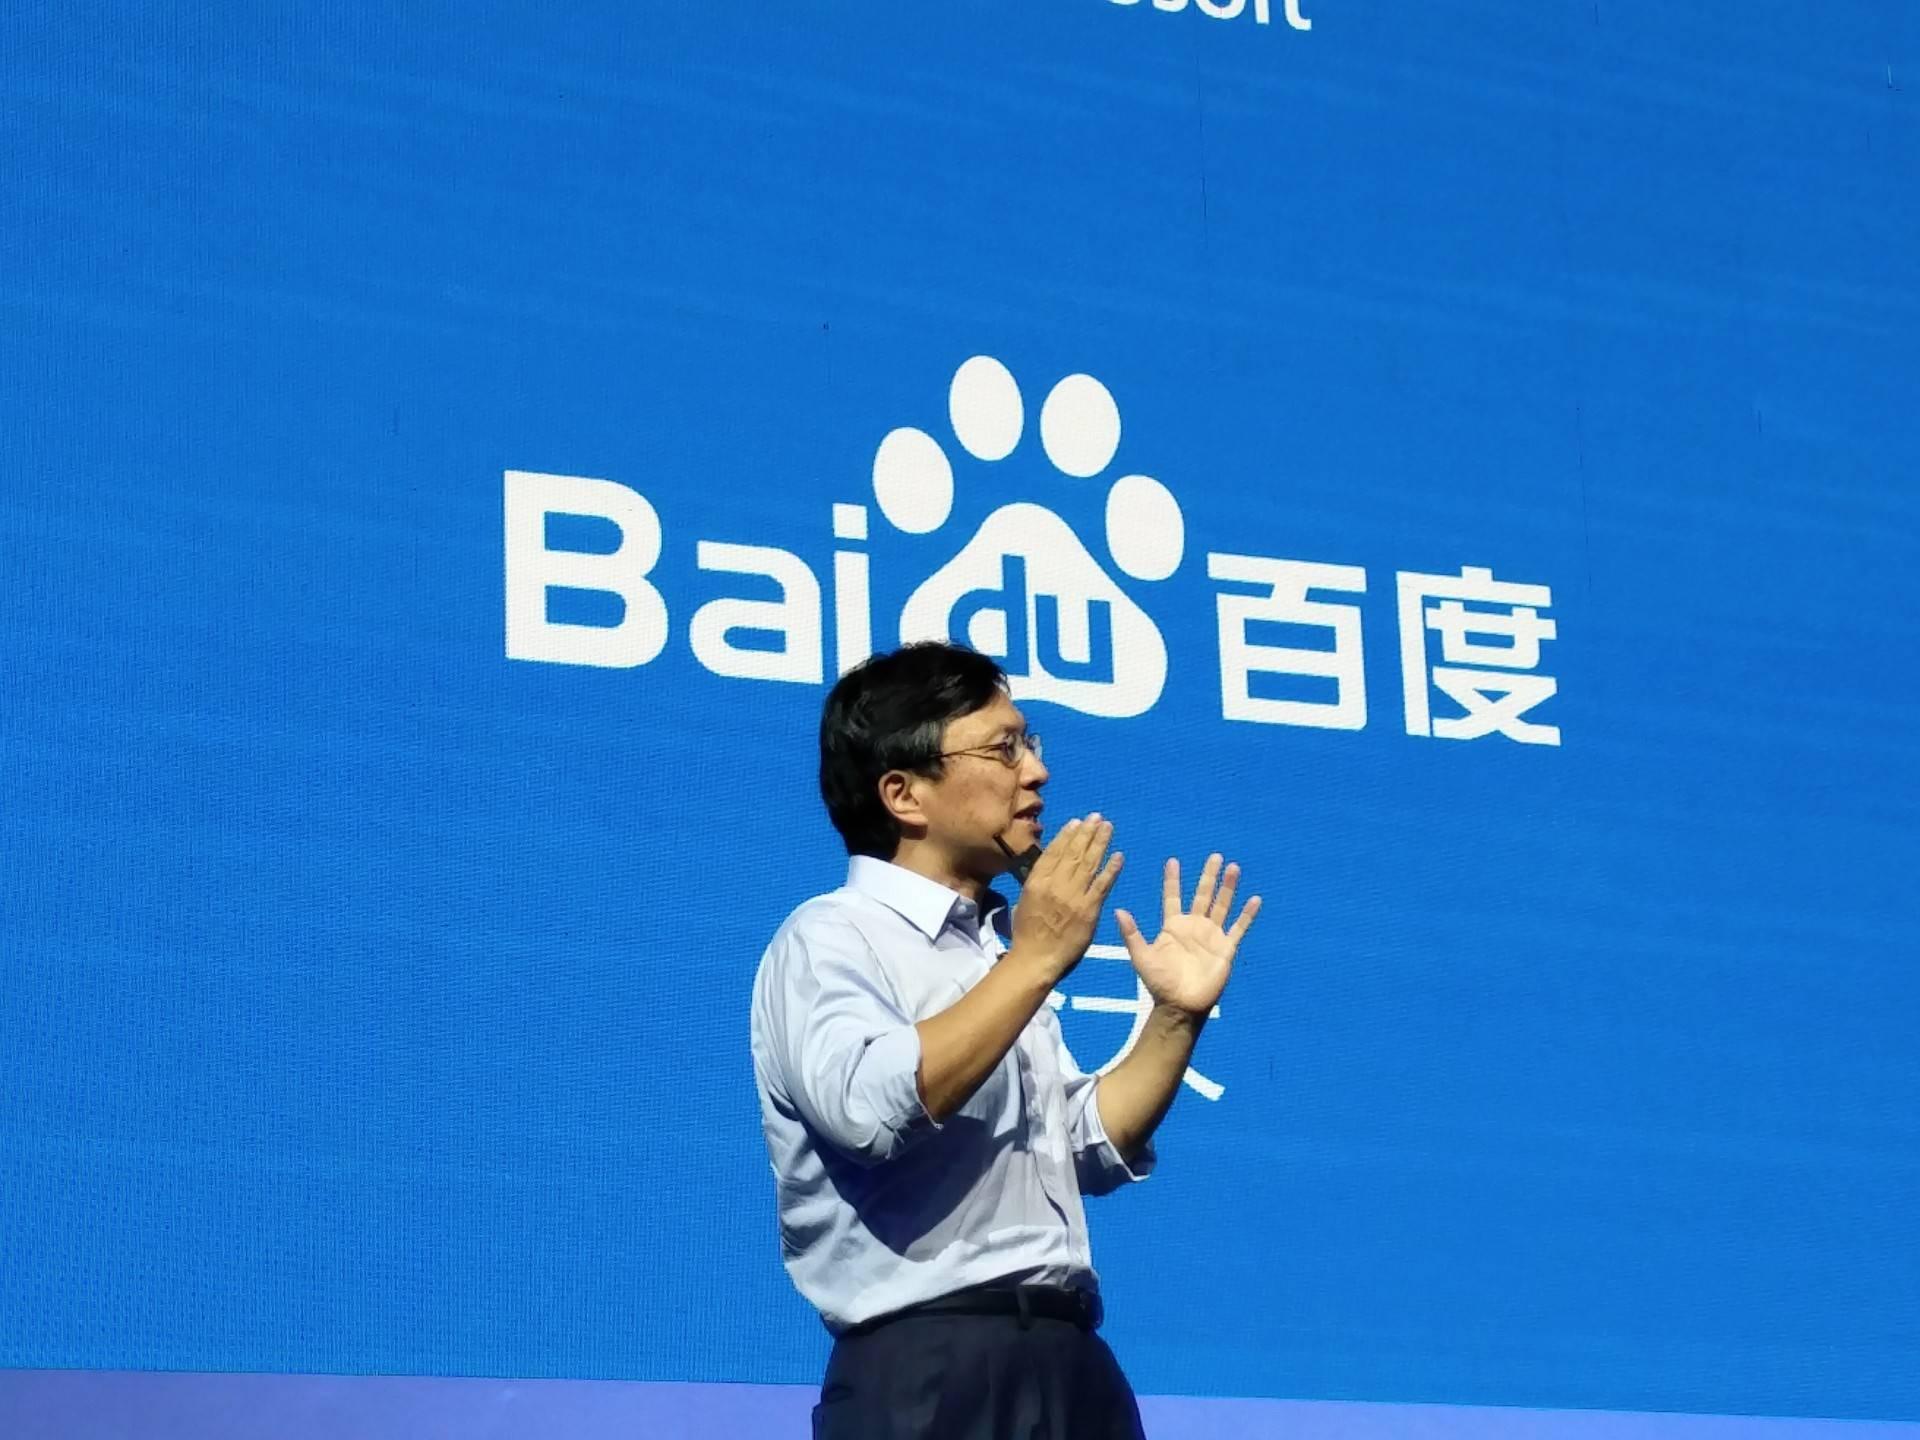 沈向洋宣布百度成为微软战略合作伙伴